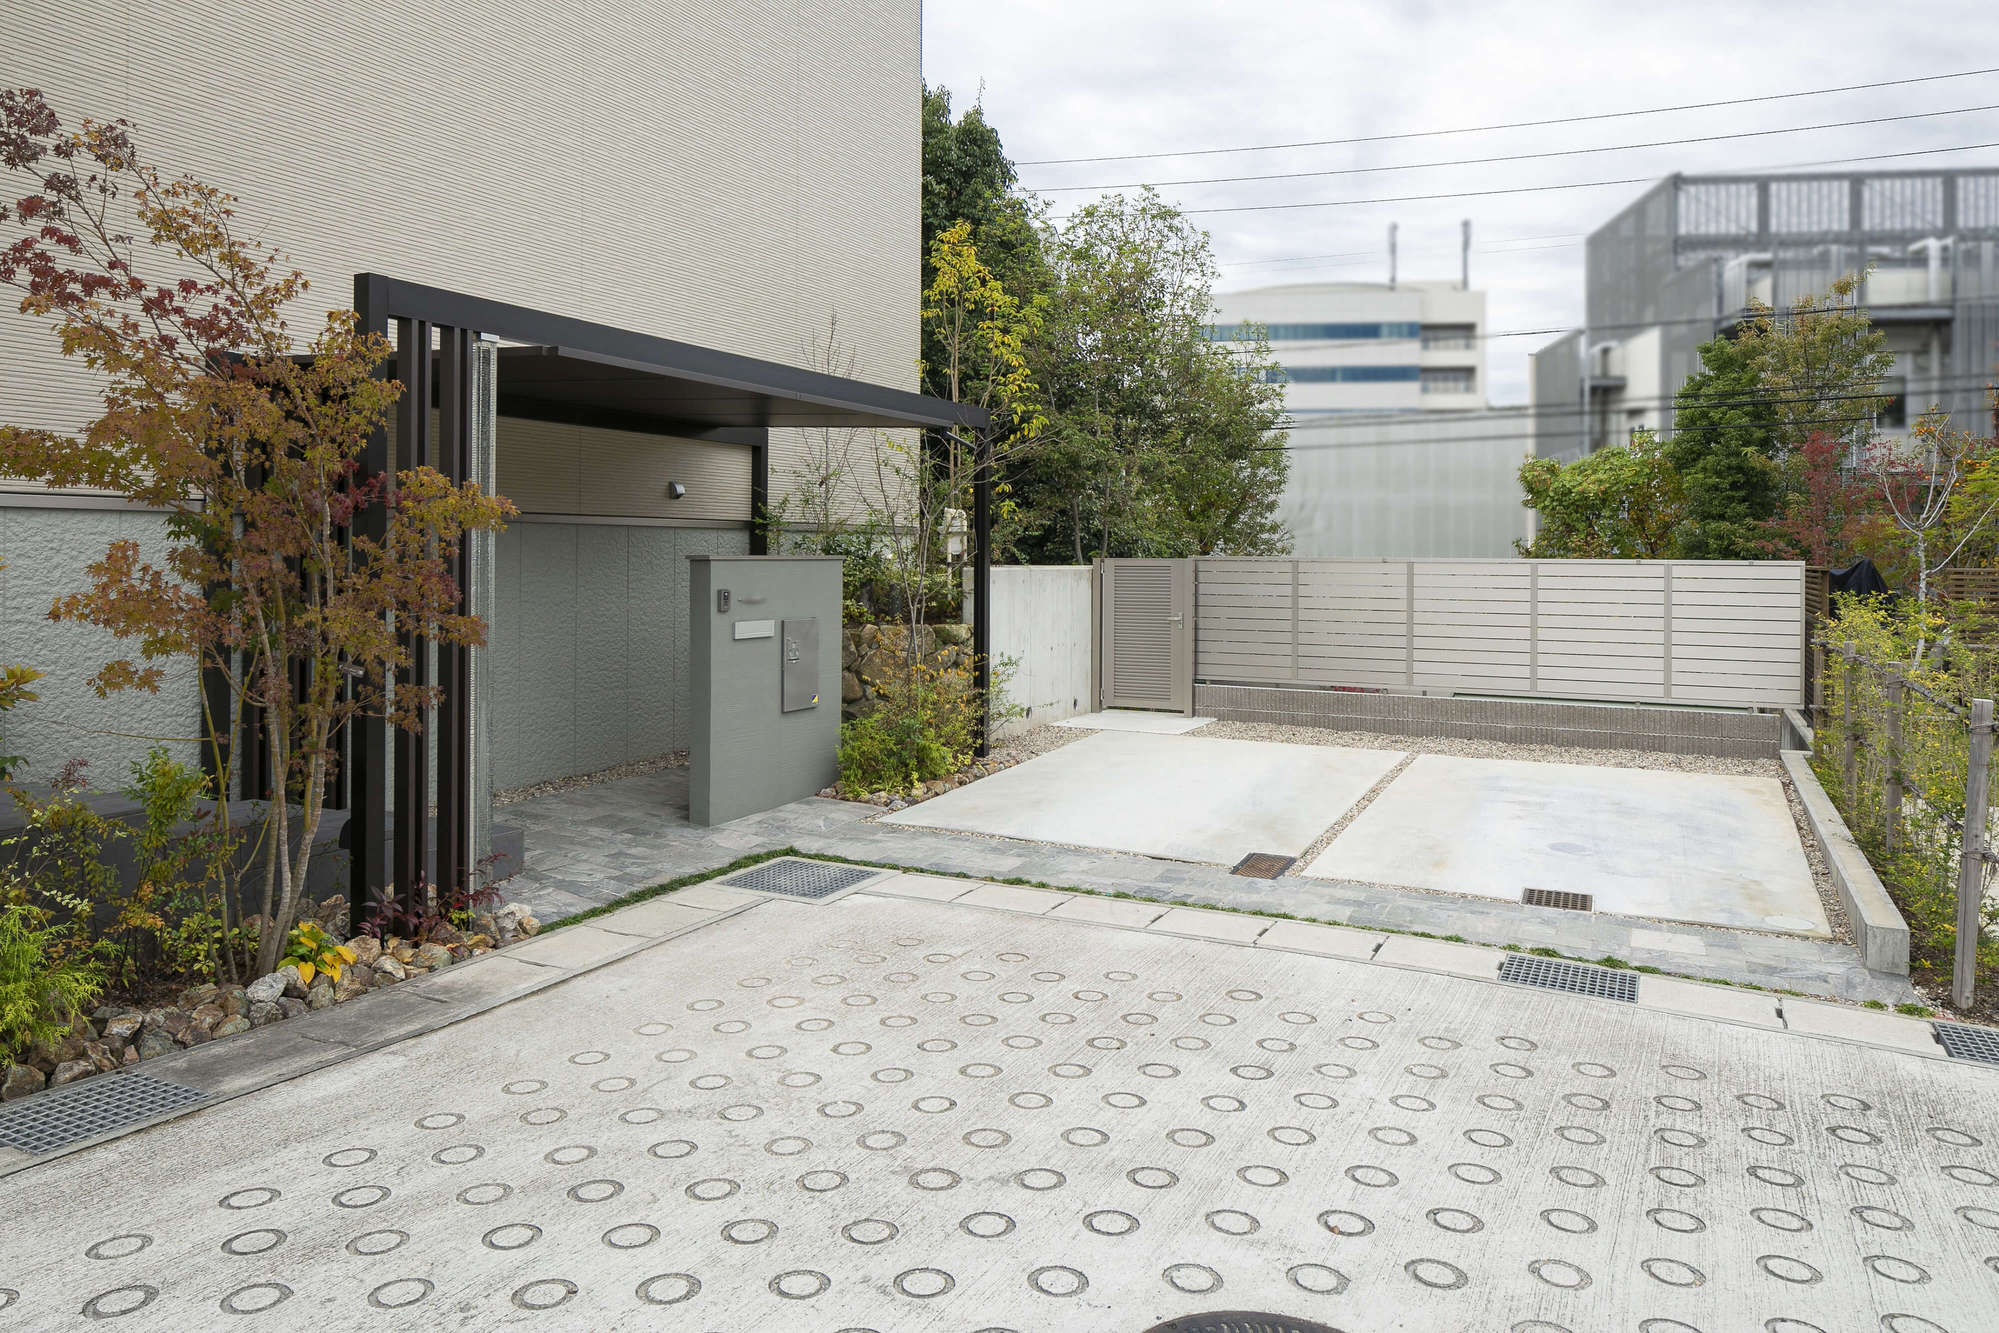 ルーフ 新築外構 積水ハウス 庭 物置 メタルシェッド 高低差のある 雑木風